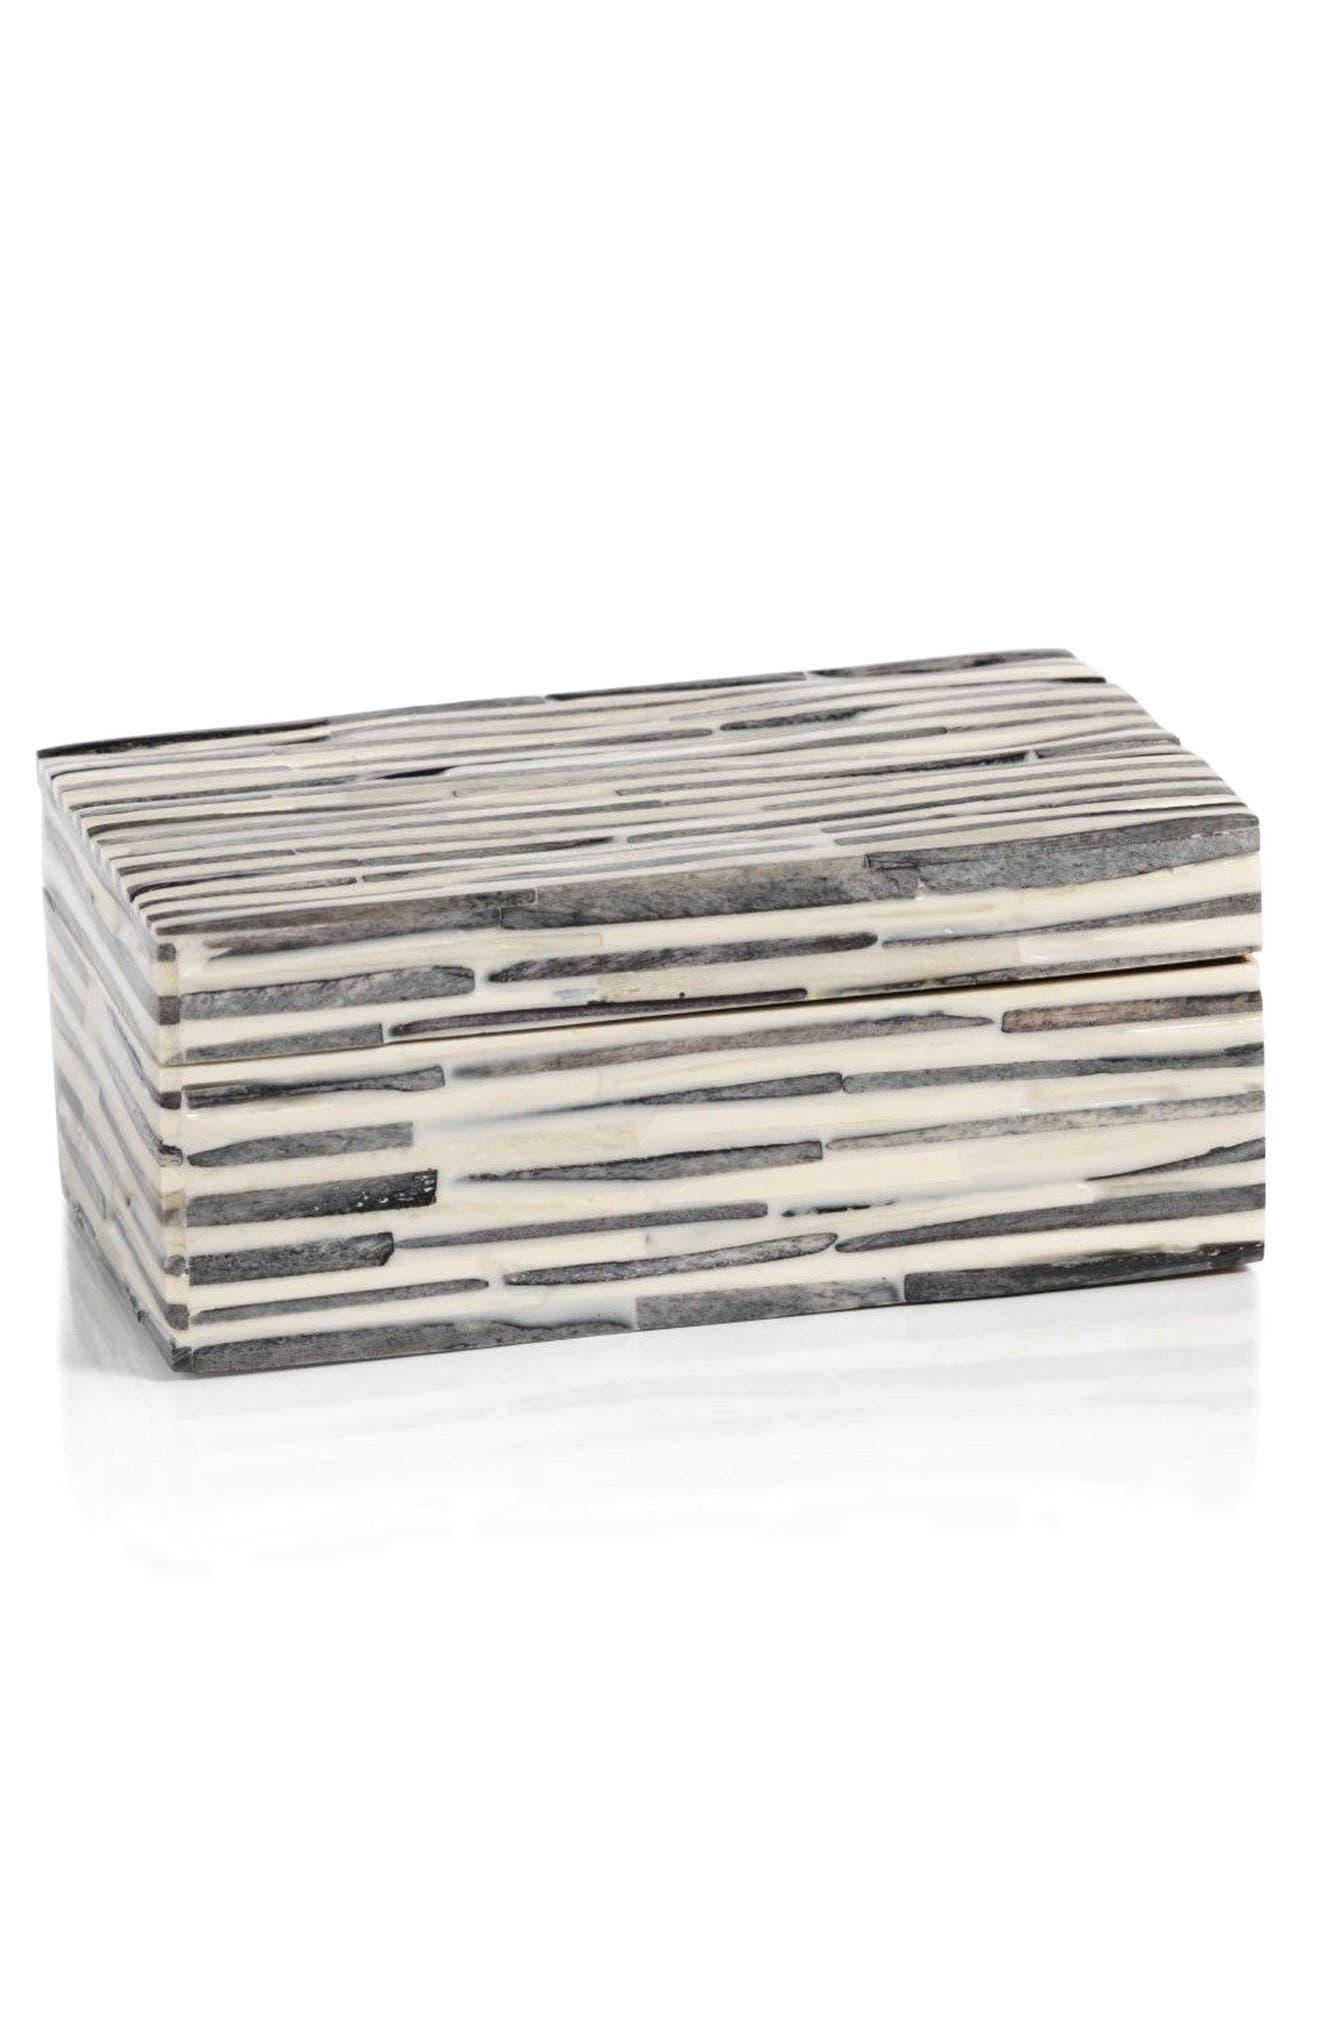 Sanur Bone Jewelry Box,                             Main thumbnail 1, color,                             WHITE/ BLACK